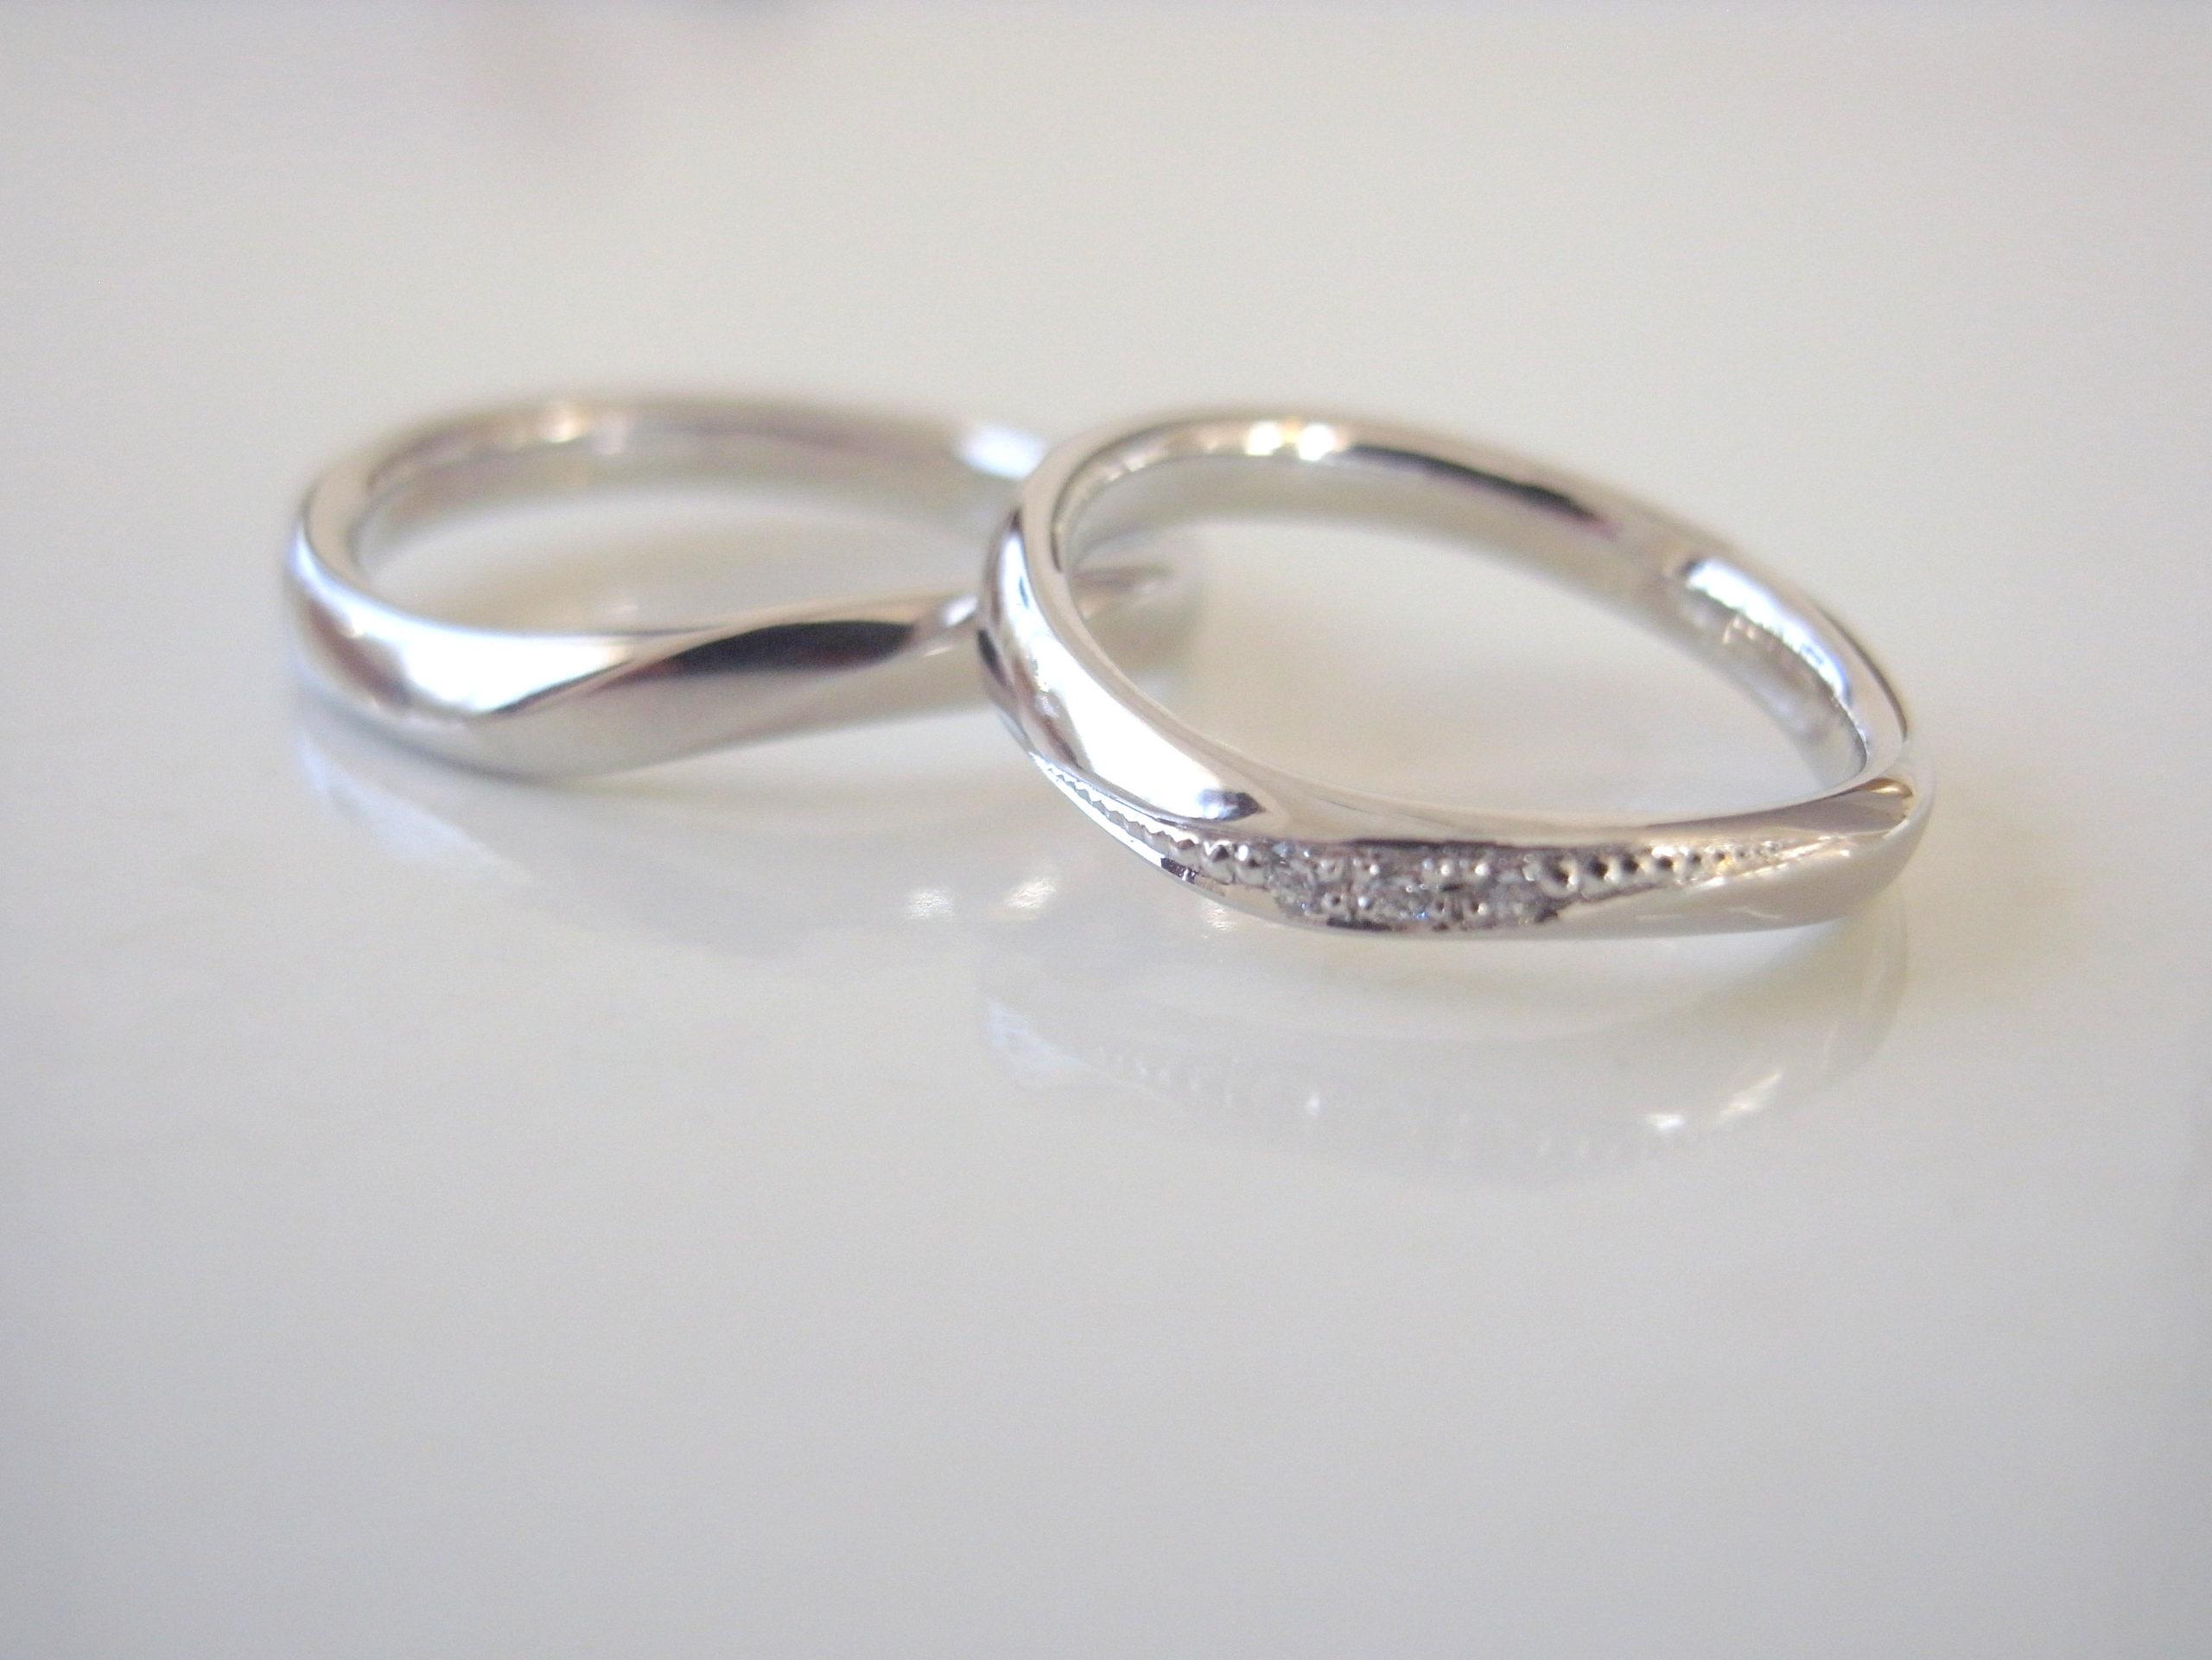 結婚指輪の納期について...